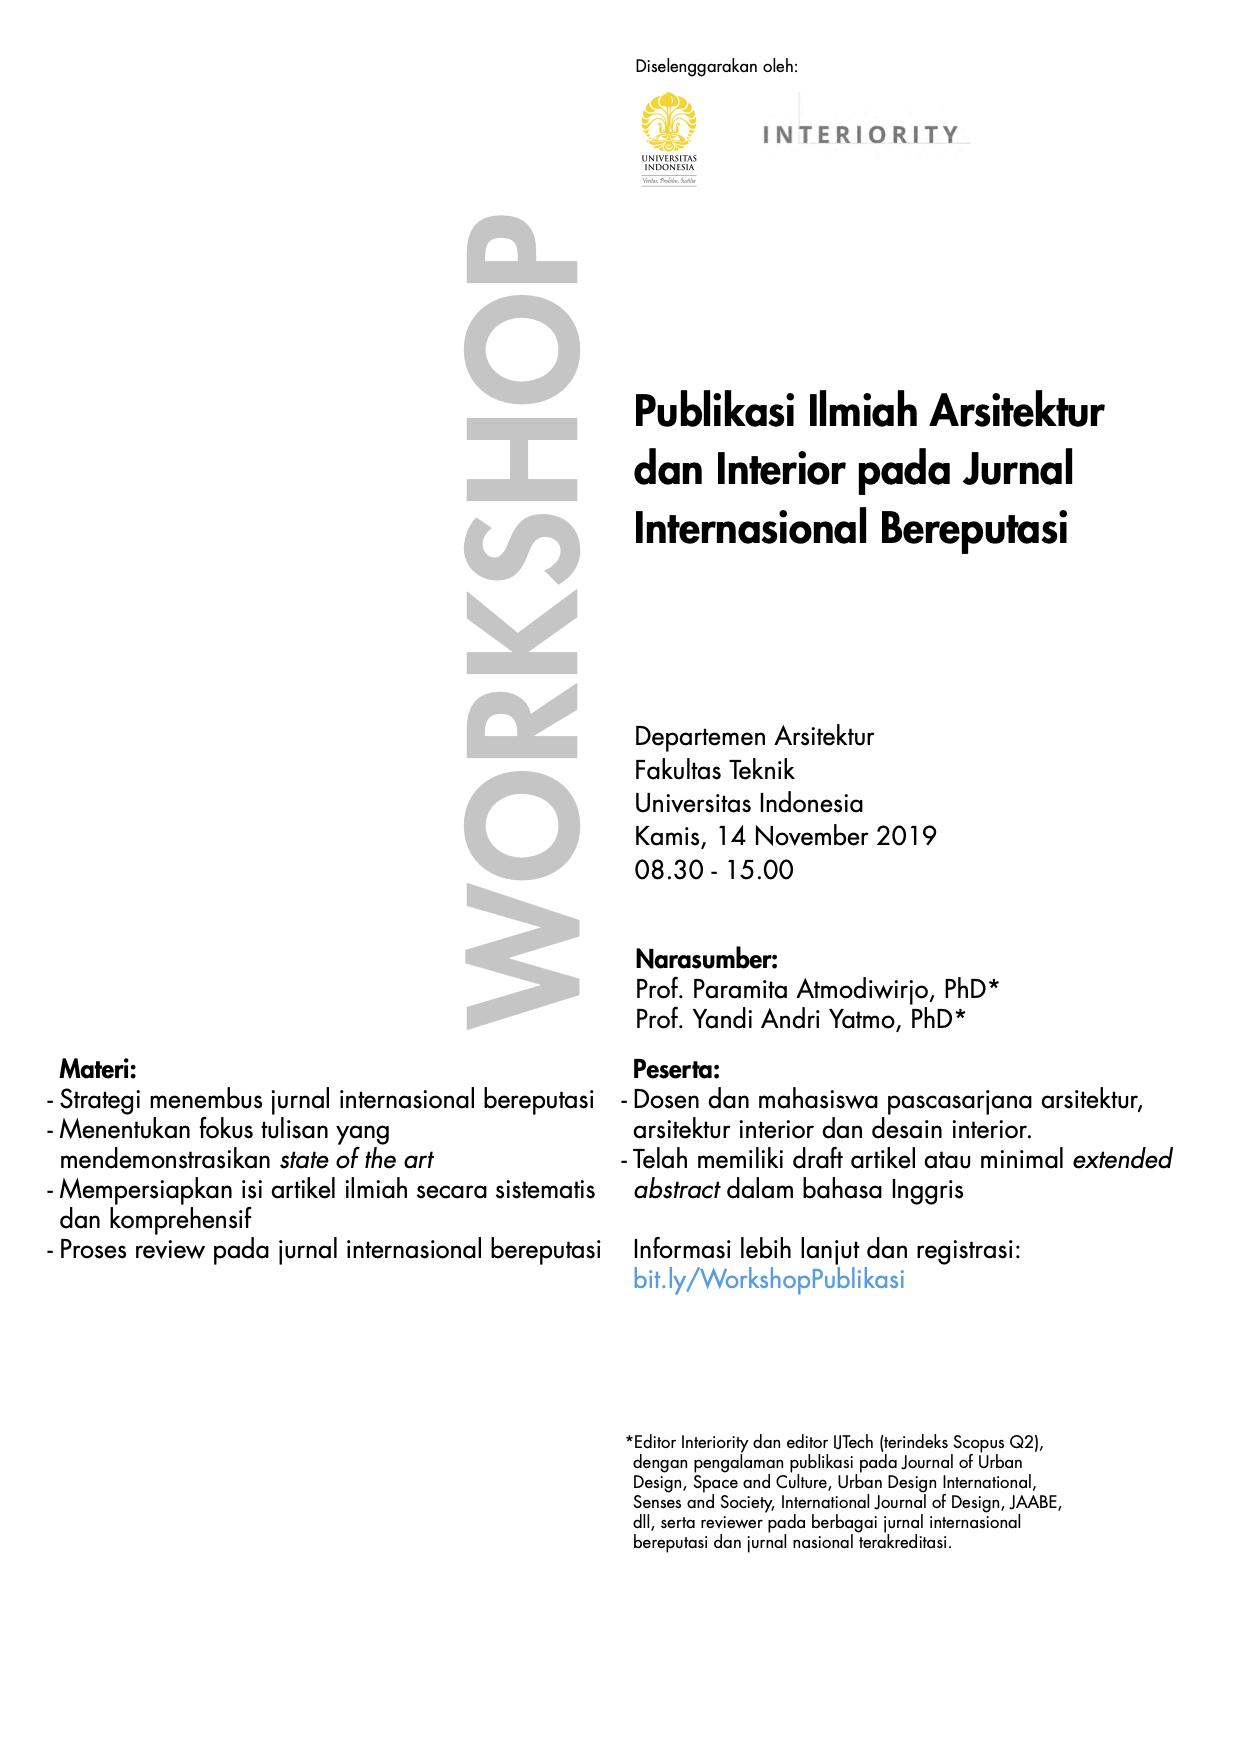 Workshop Publikasi Ilmiah Arsitektur Dan Interior Pada Jurnal Internasional Bereputasi